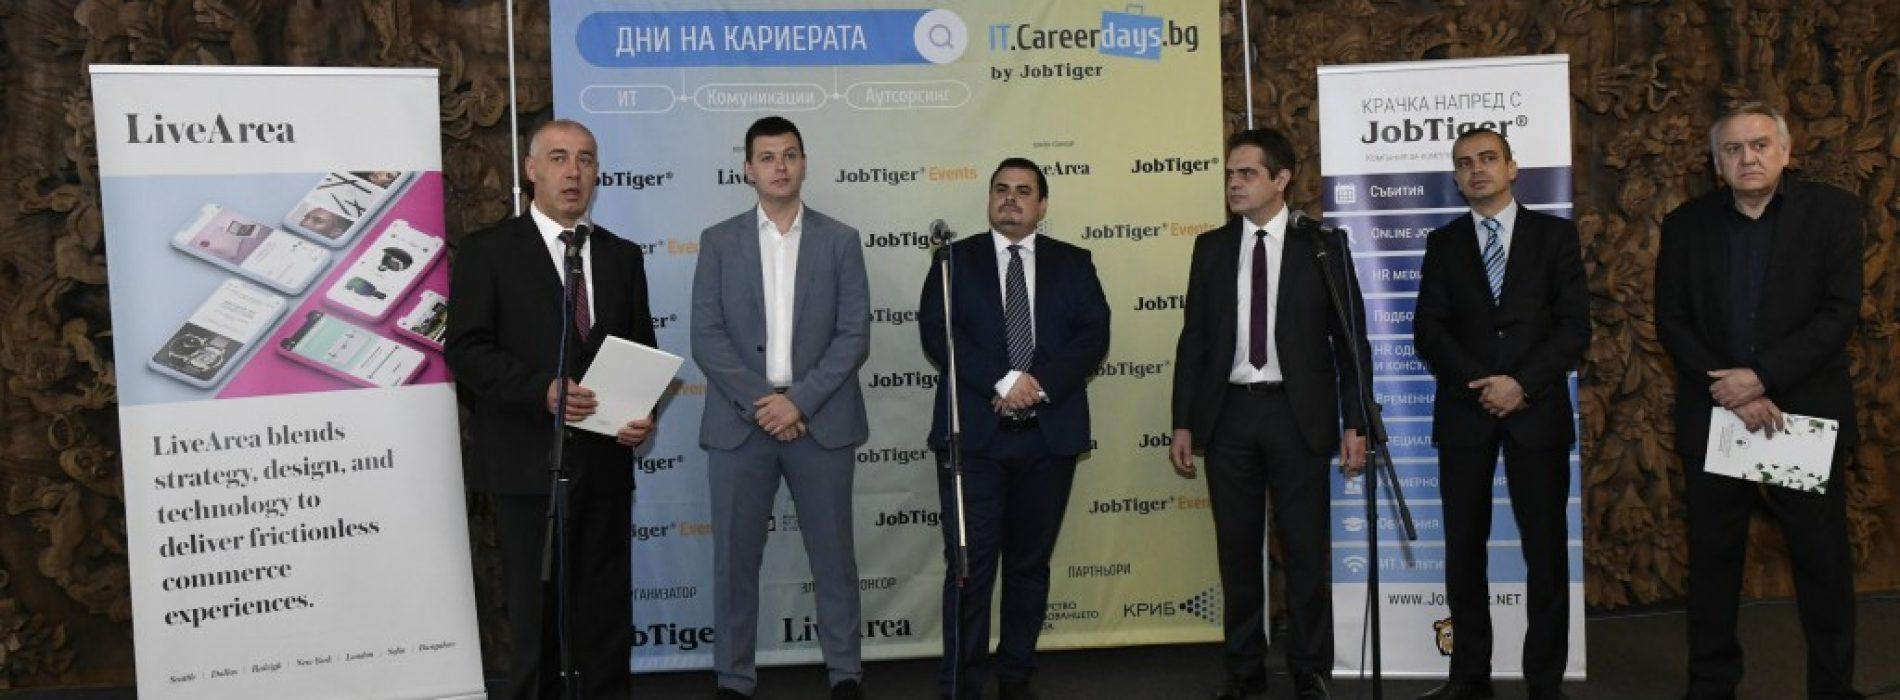 """Бизнесът и младите хора в София се срещнаха на 10 октомври по време на """"Дни на кариерата – ИТ, Комуникации и Аутсорсинг"""" 2019"""